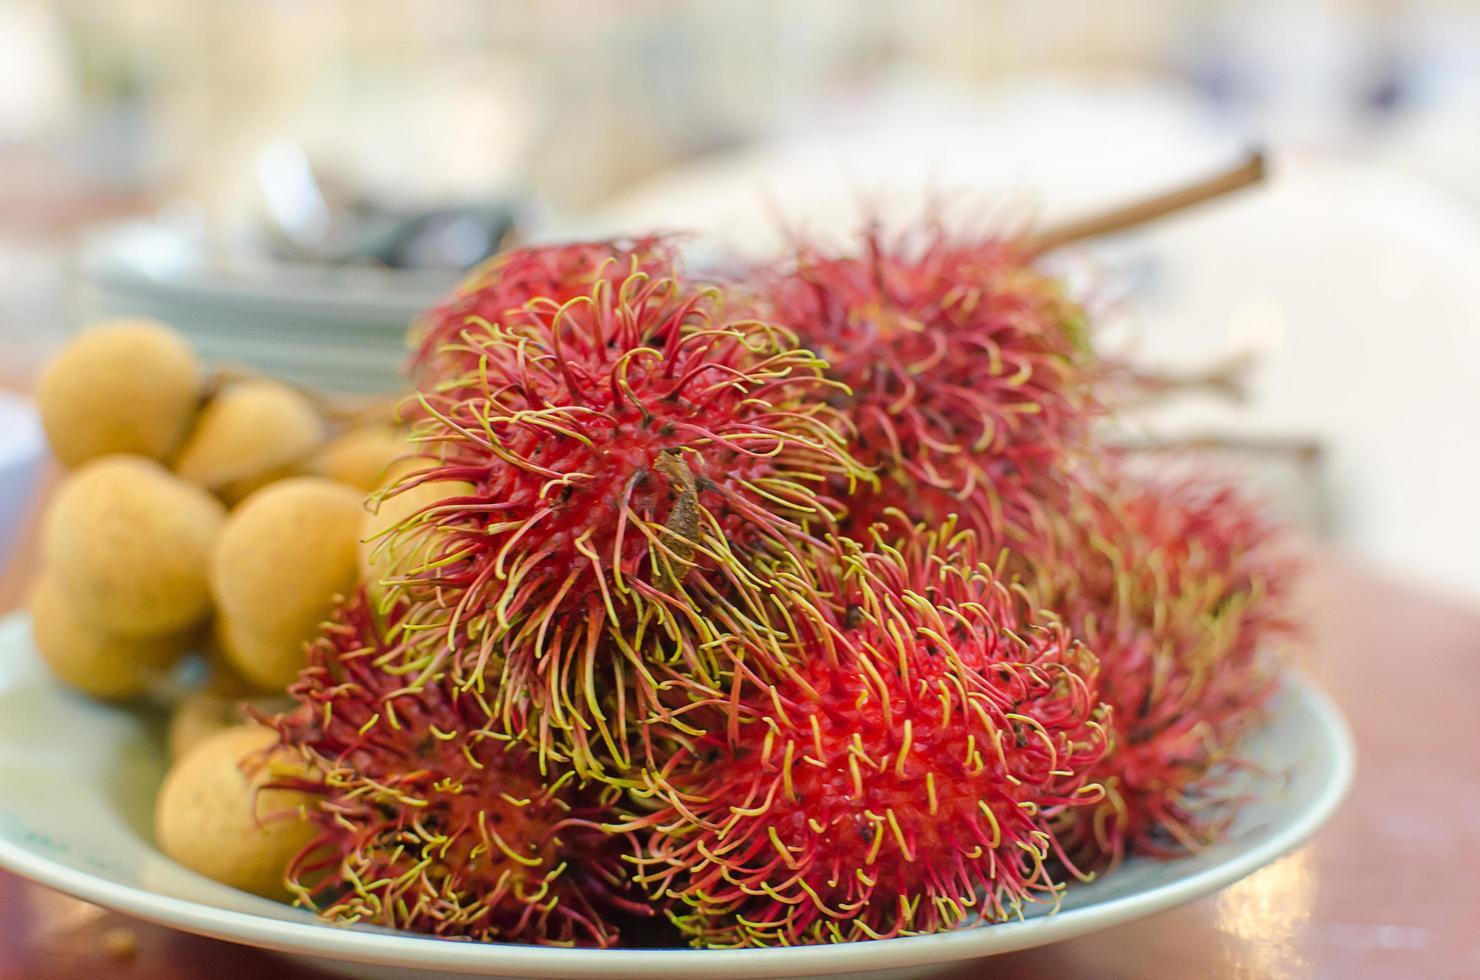 Fruits de ramboutan sur une assiette photo